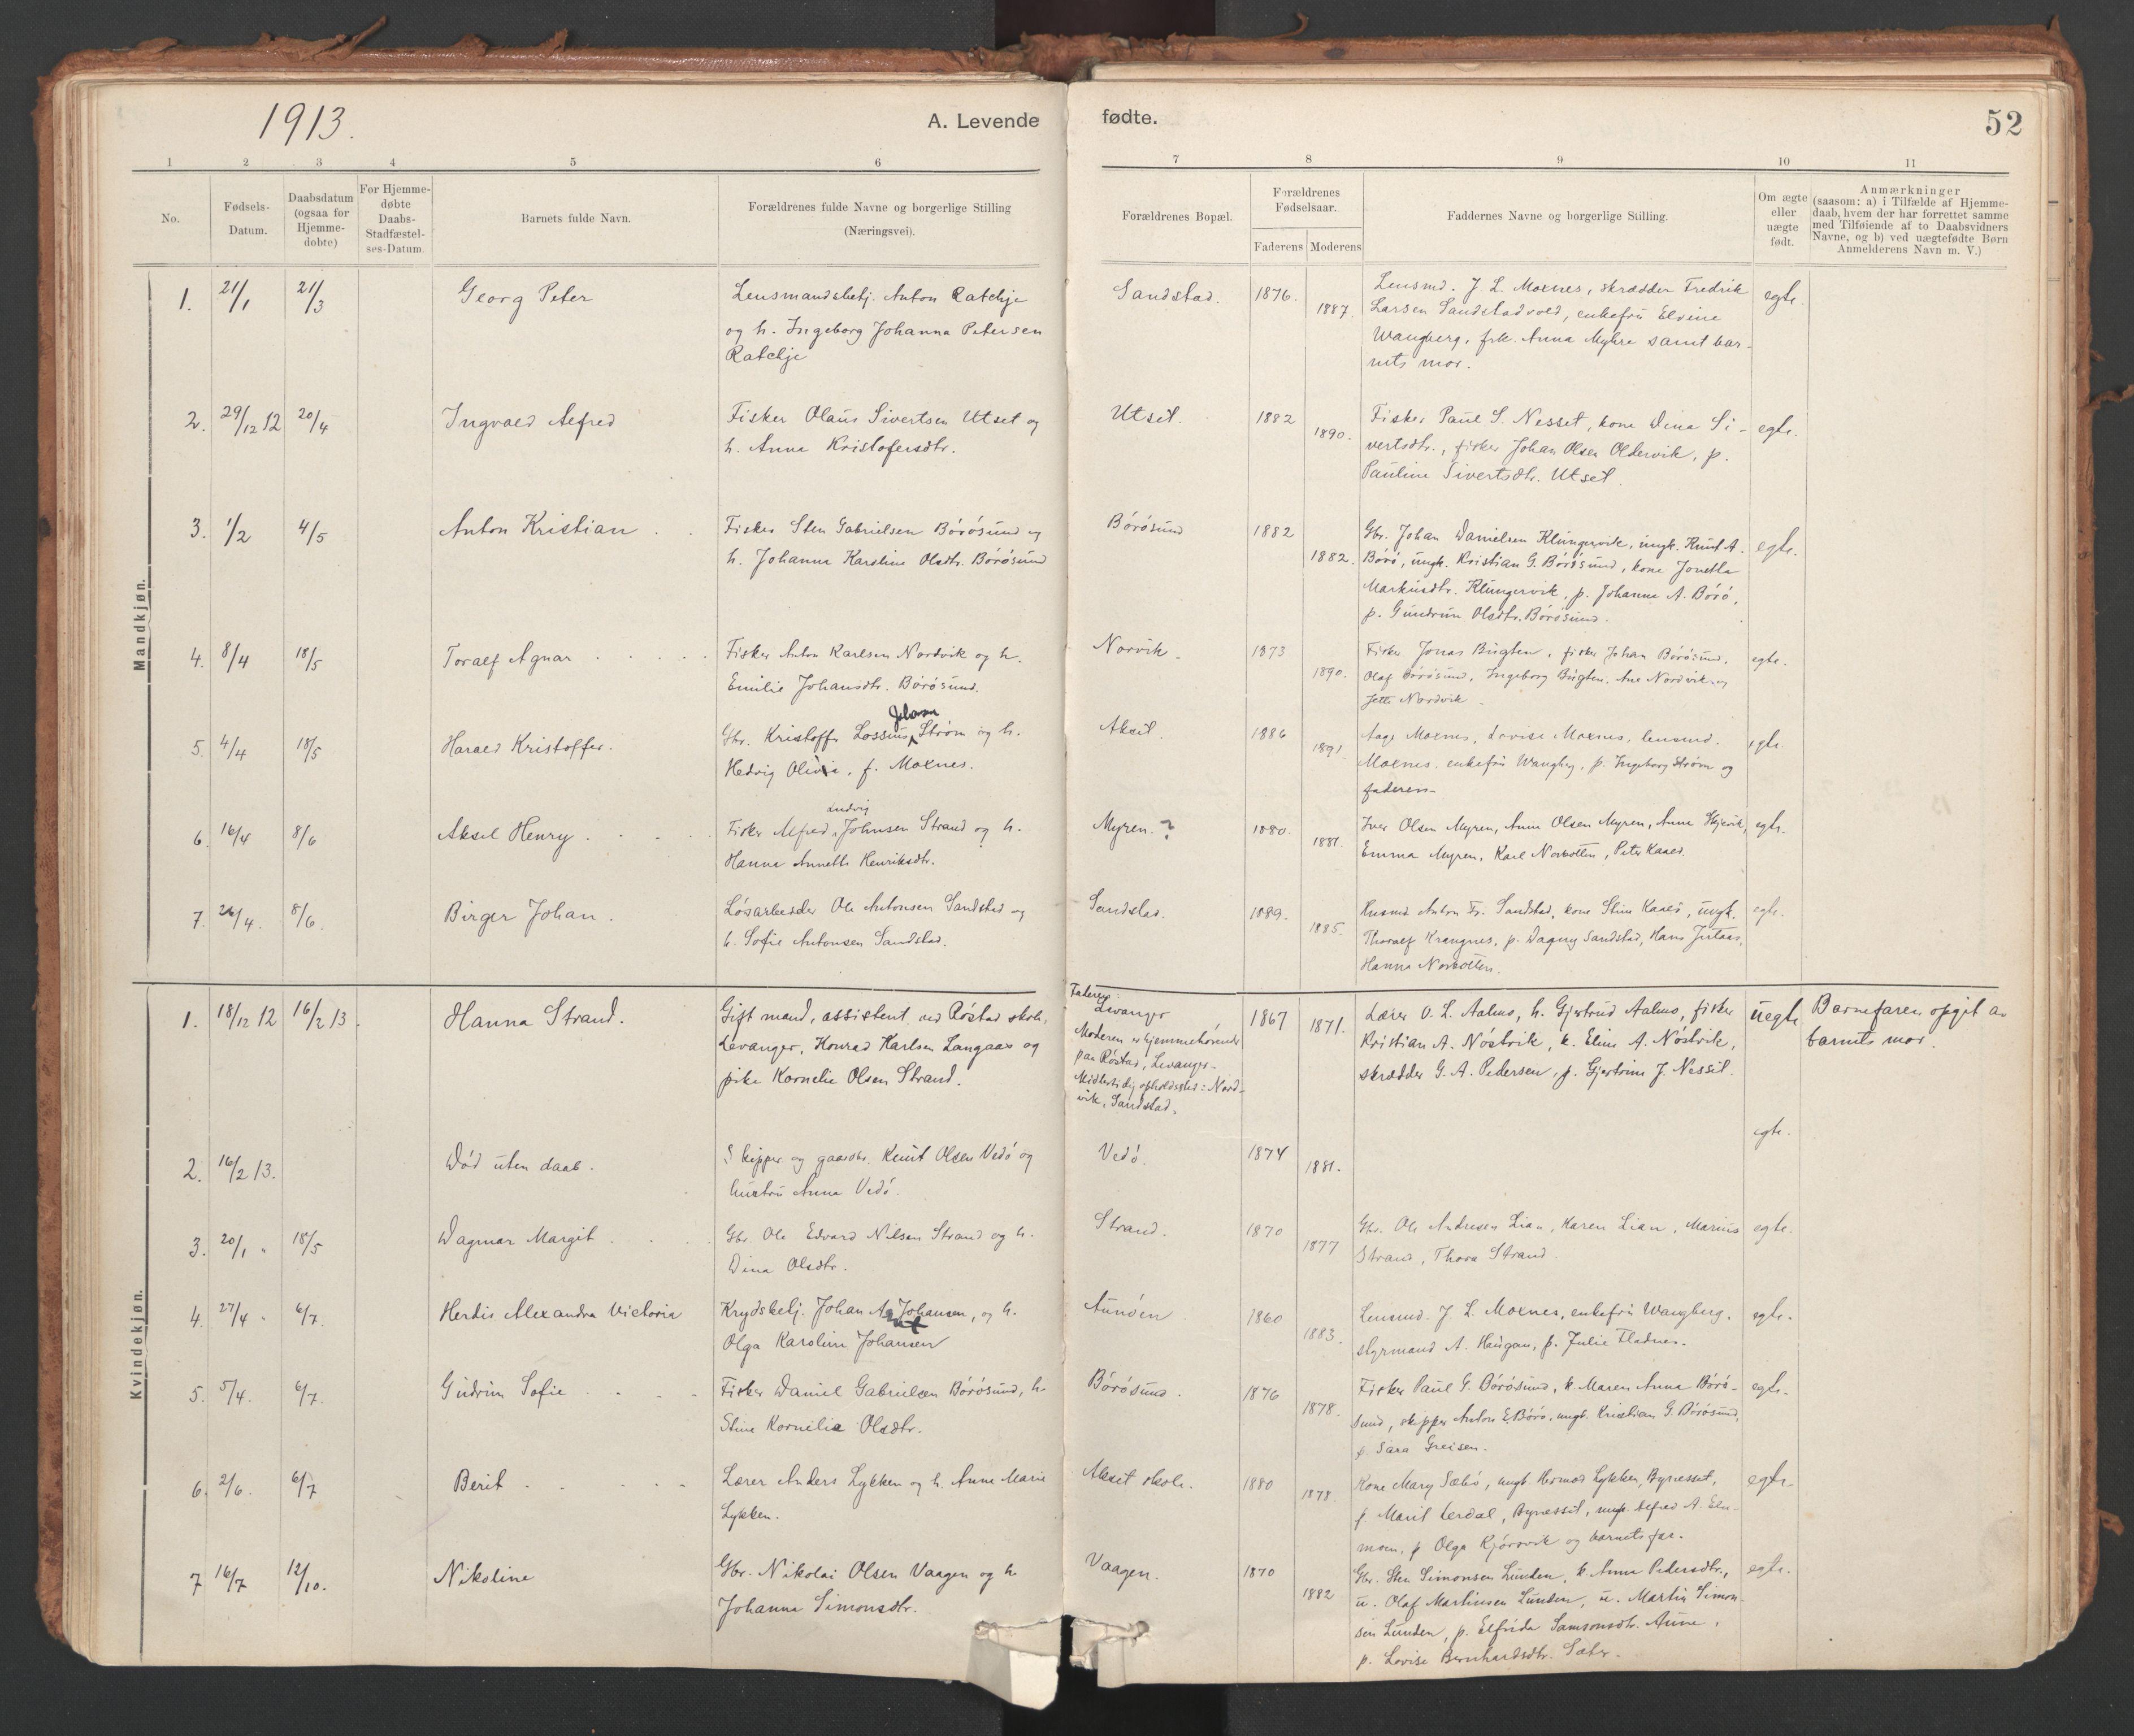 SAT, Ministerialprotokoller, klokkerbøker og fødselsregistre - Sør-Trøndelag, 639/L0572: Ministerialbok nr. 639A01, 1890-1920, s. 52